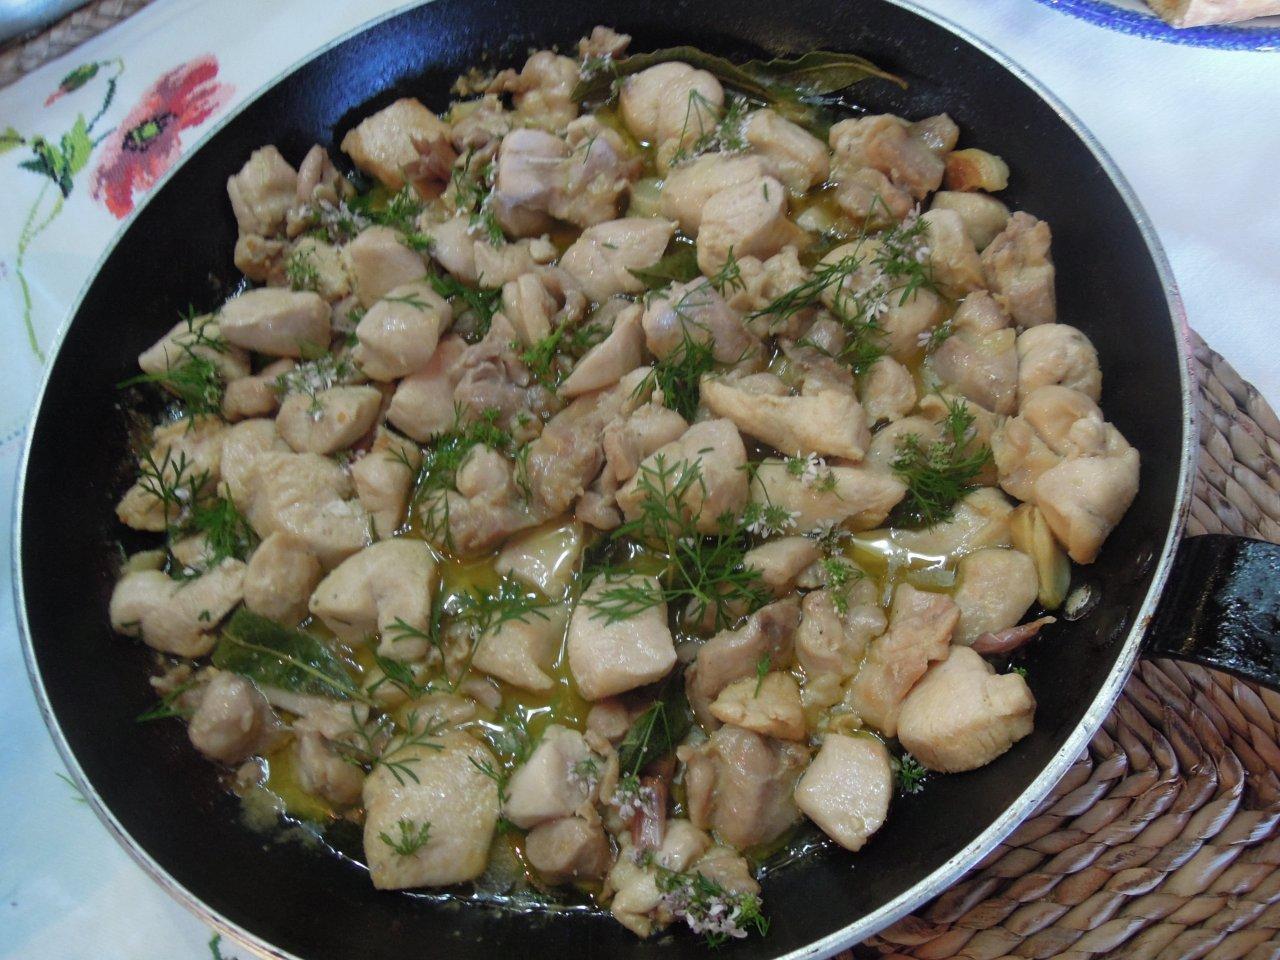 pica-pau de frango Pica-Pau de Frango, um petisco bom e saudável DSCN99992